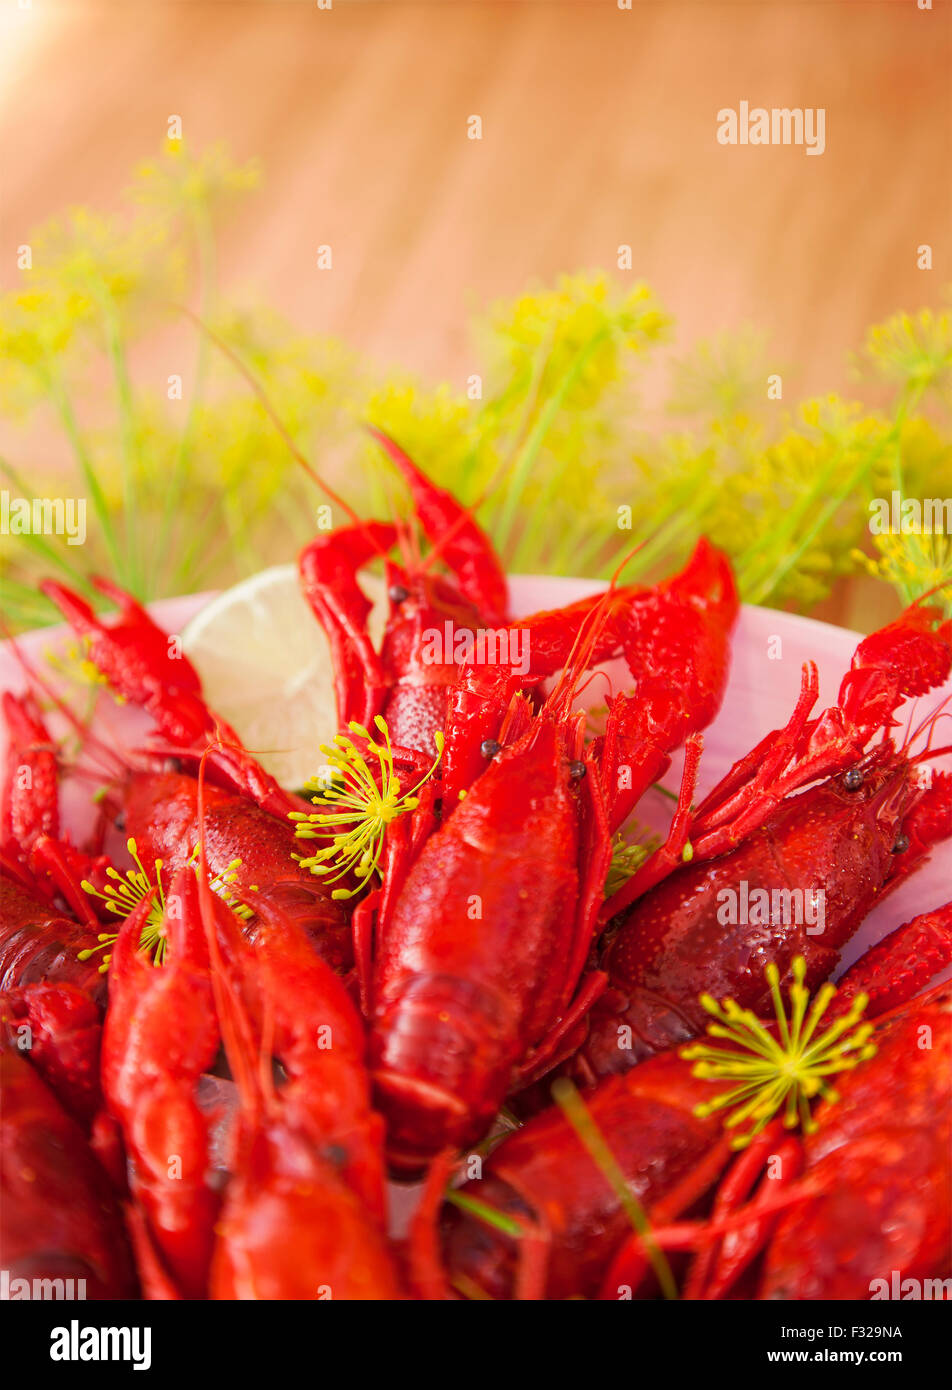 Image of freshly cooked crayfish. - Stock Image